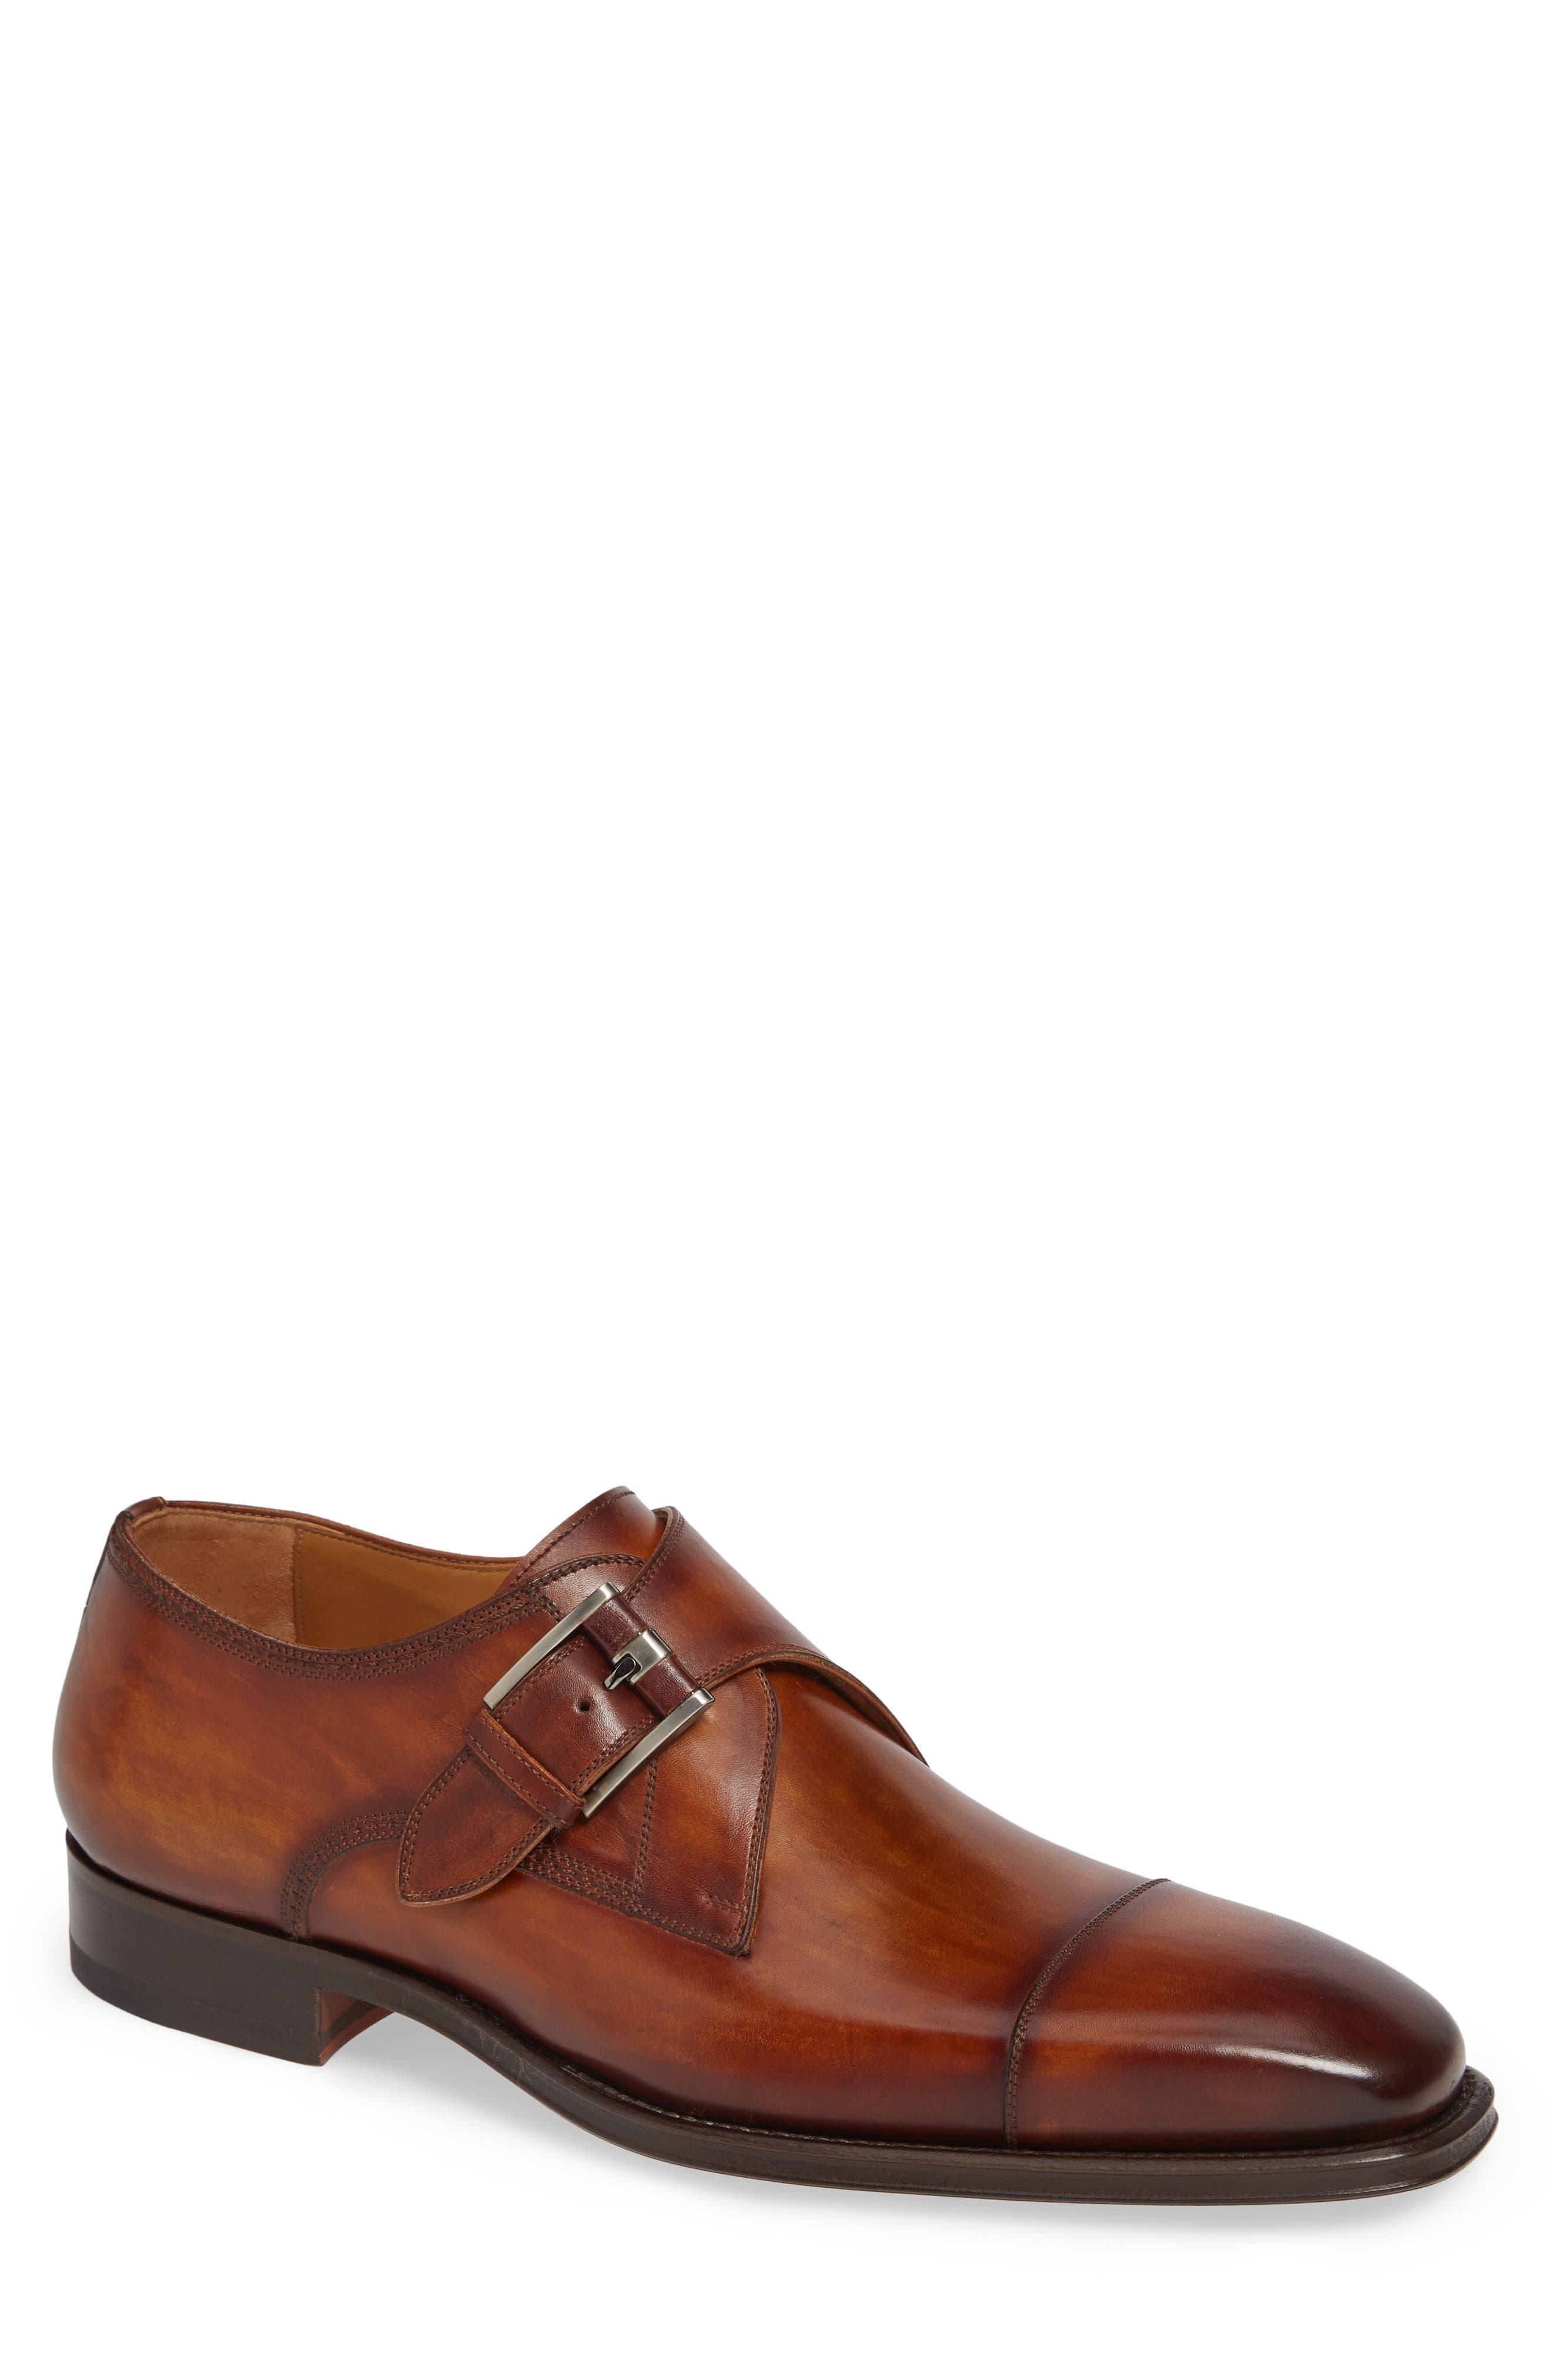 Men's Magnanni Dress Shoes | Nordstrom